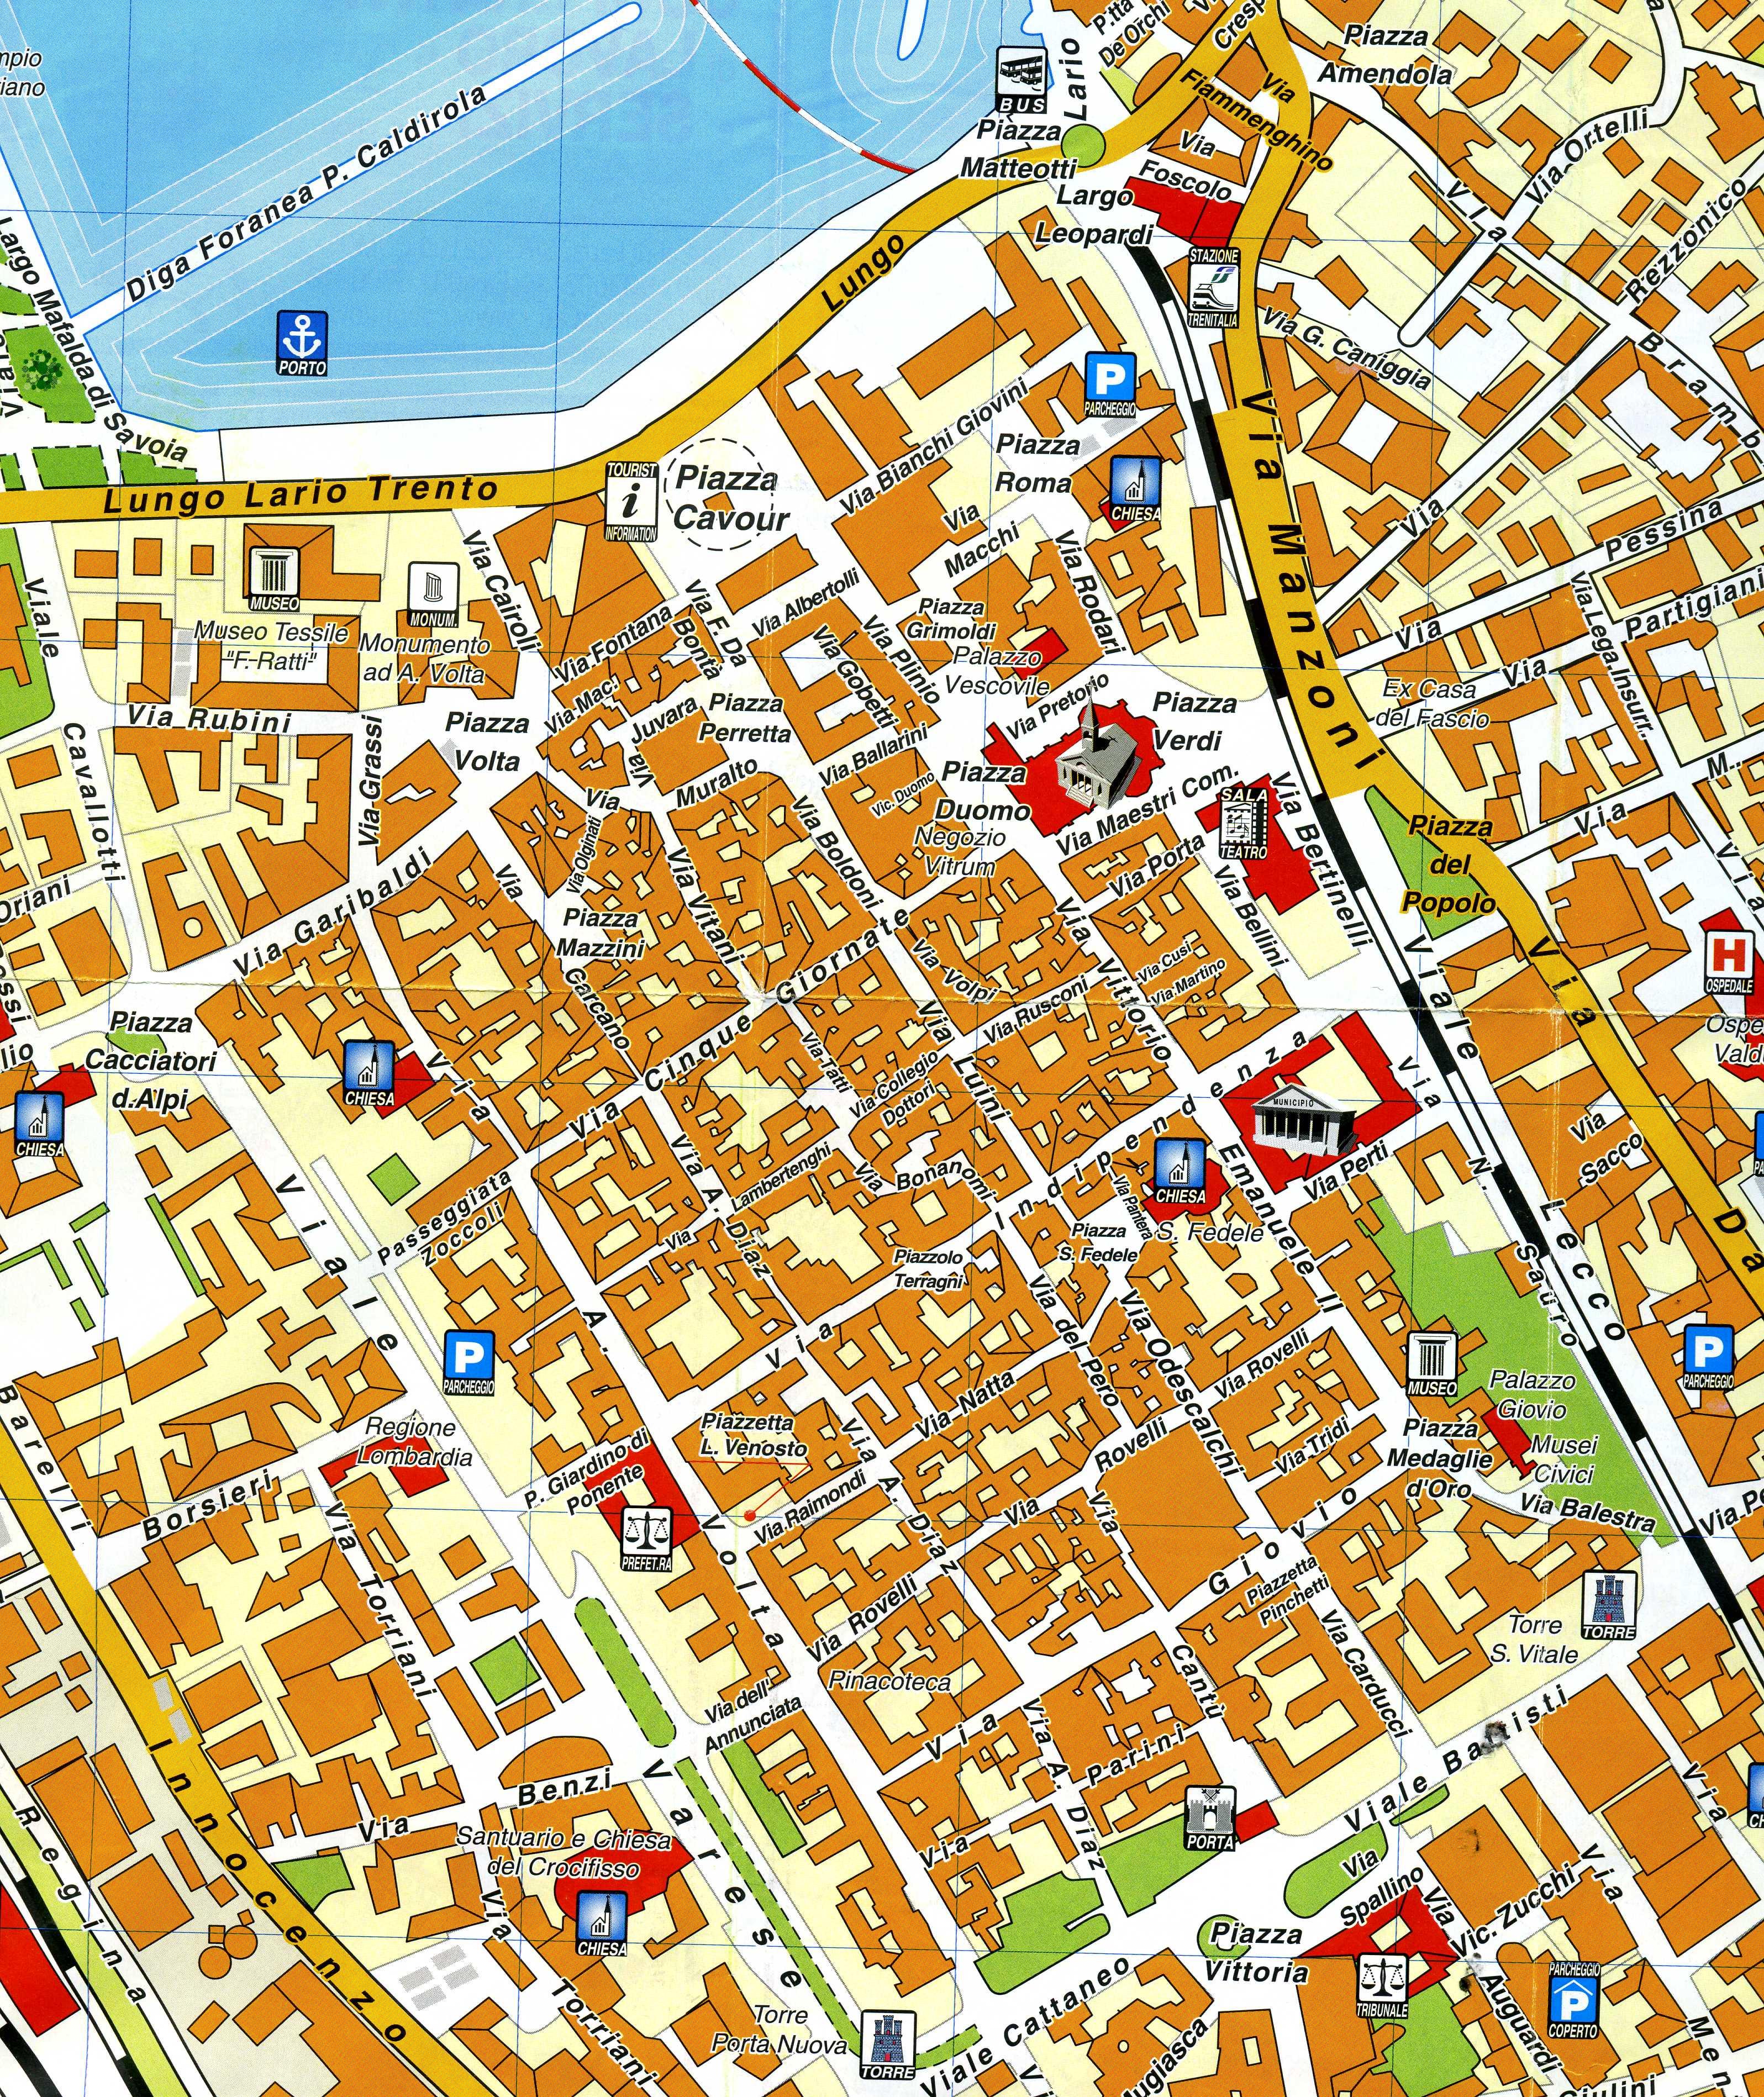 Roma Centro Storico Cartina.Mappa Del Centro Storico Di Como Coatesa Sul Lario E Dintorni